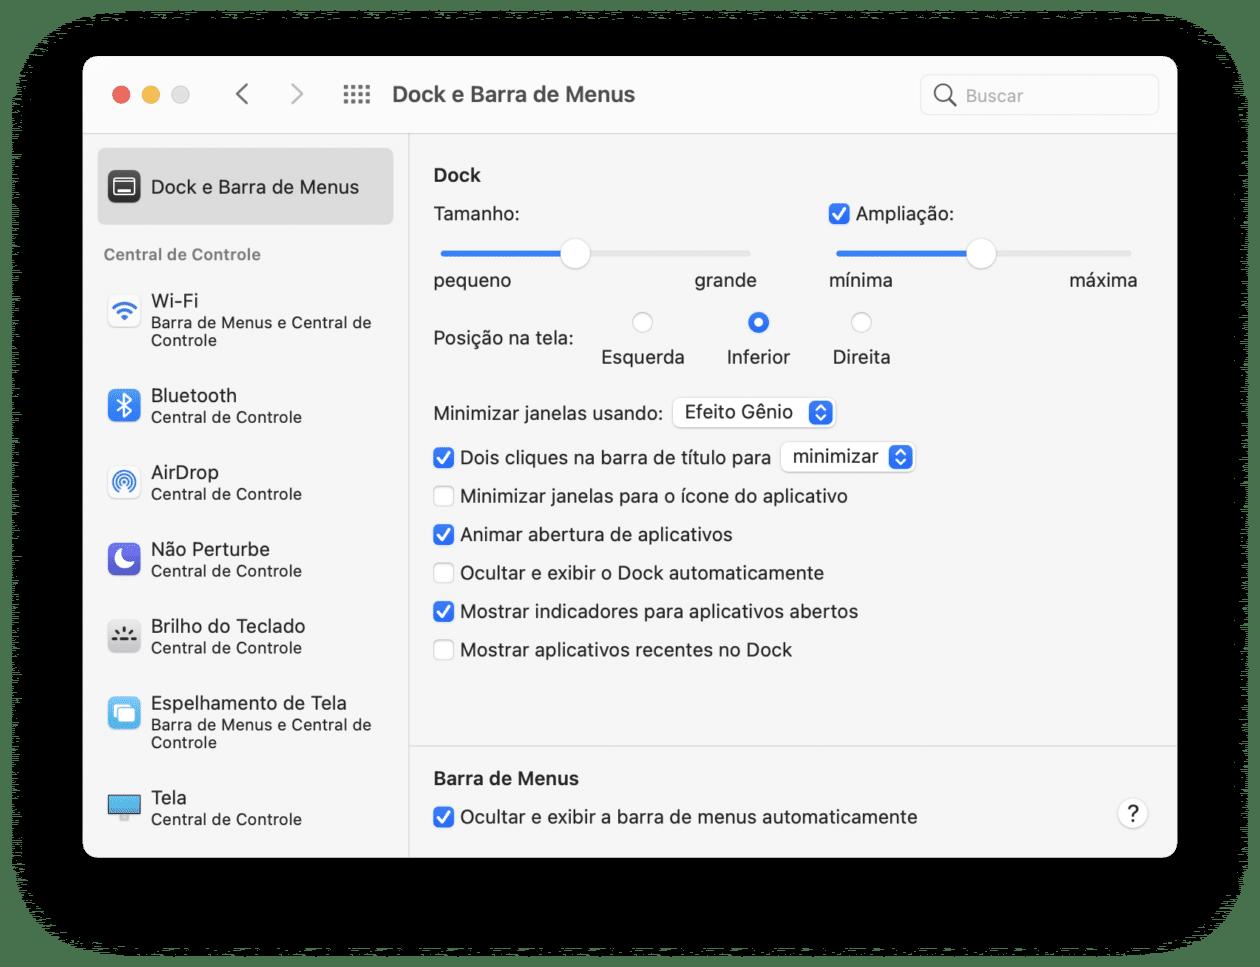 Personalizando a barra de menus do macOS